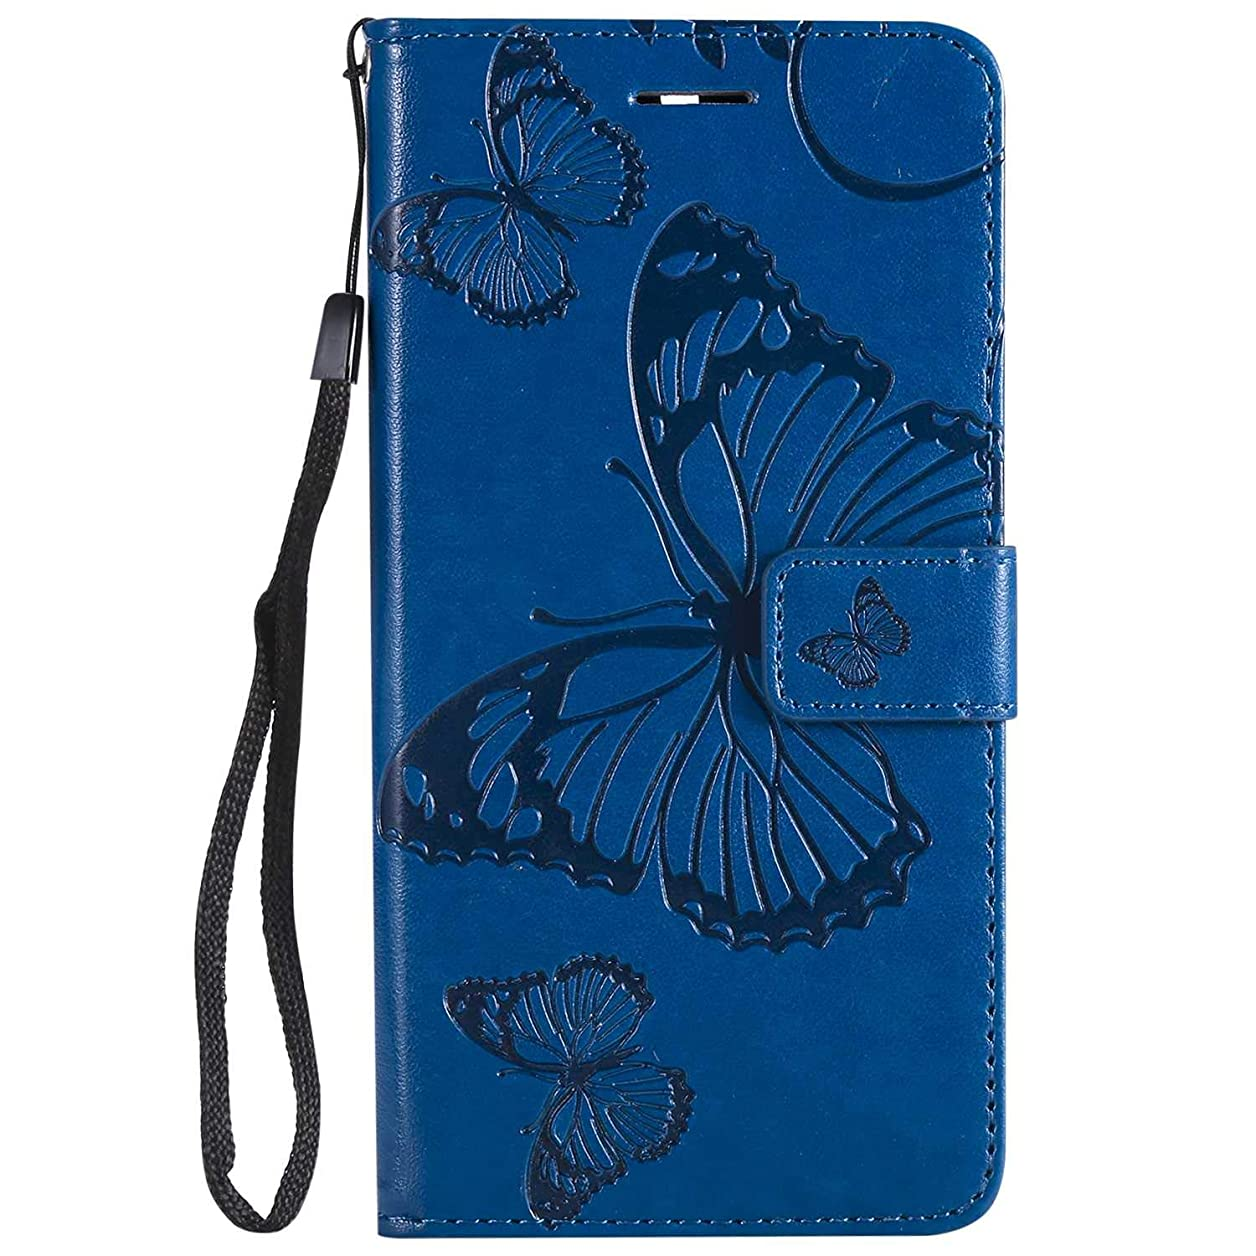 妥協液化する鉛筆OMATENTI Nokia 5 手帳型 ケース, 良質 高級感PUレザー カード収納ホルダー付きストラップ付き 落下防止 全面保護 衝撃吸収 保護カバー エンボス蝶柄, 青